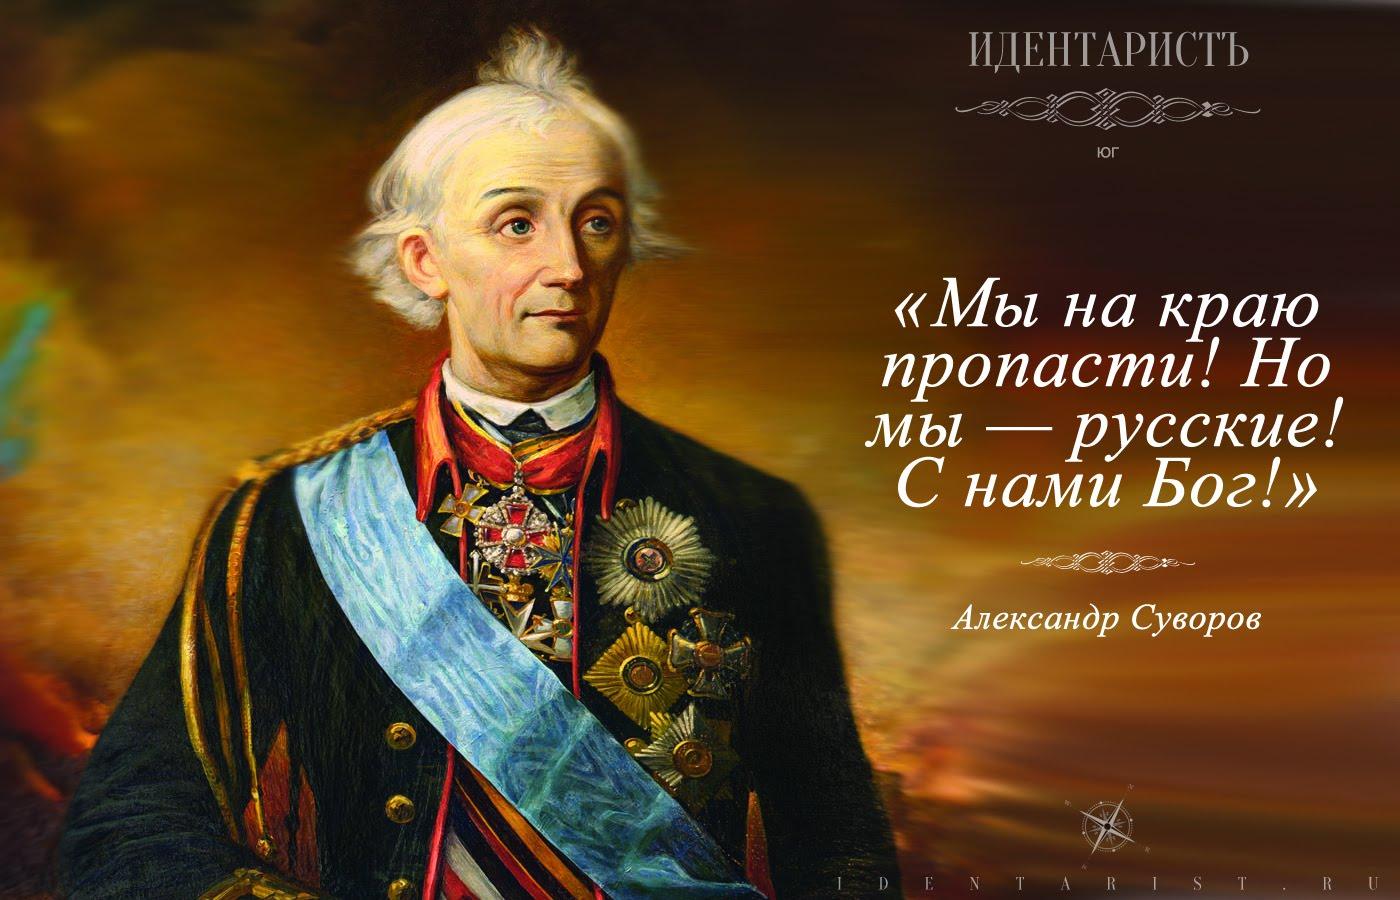 Картинка с надписью мы русские с нами бог, февраля рисовать